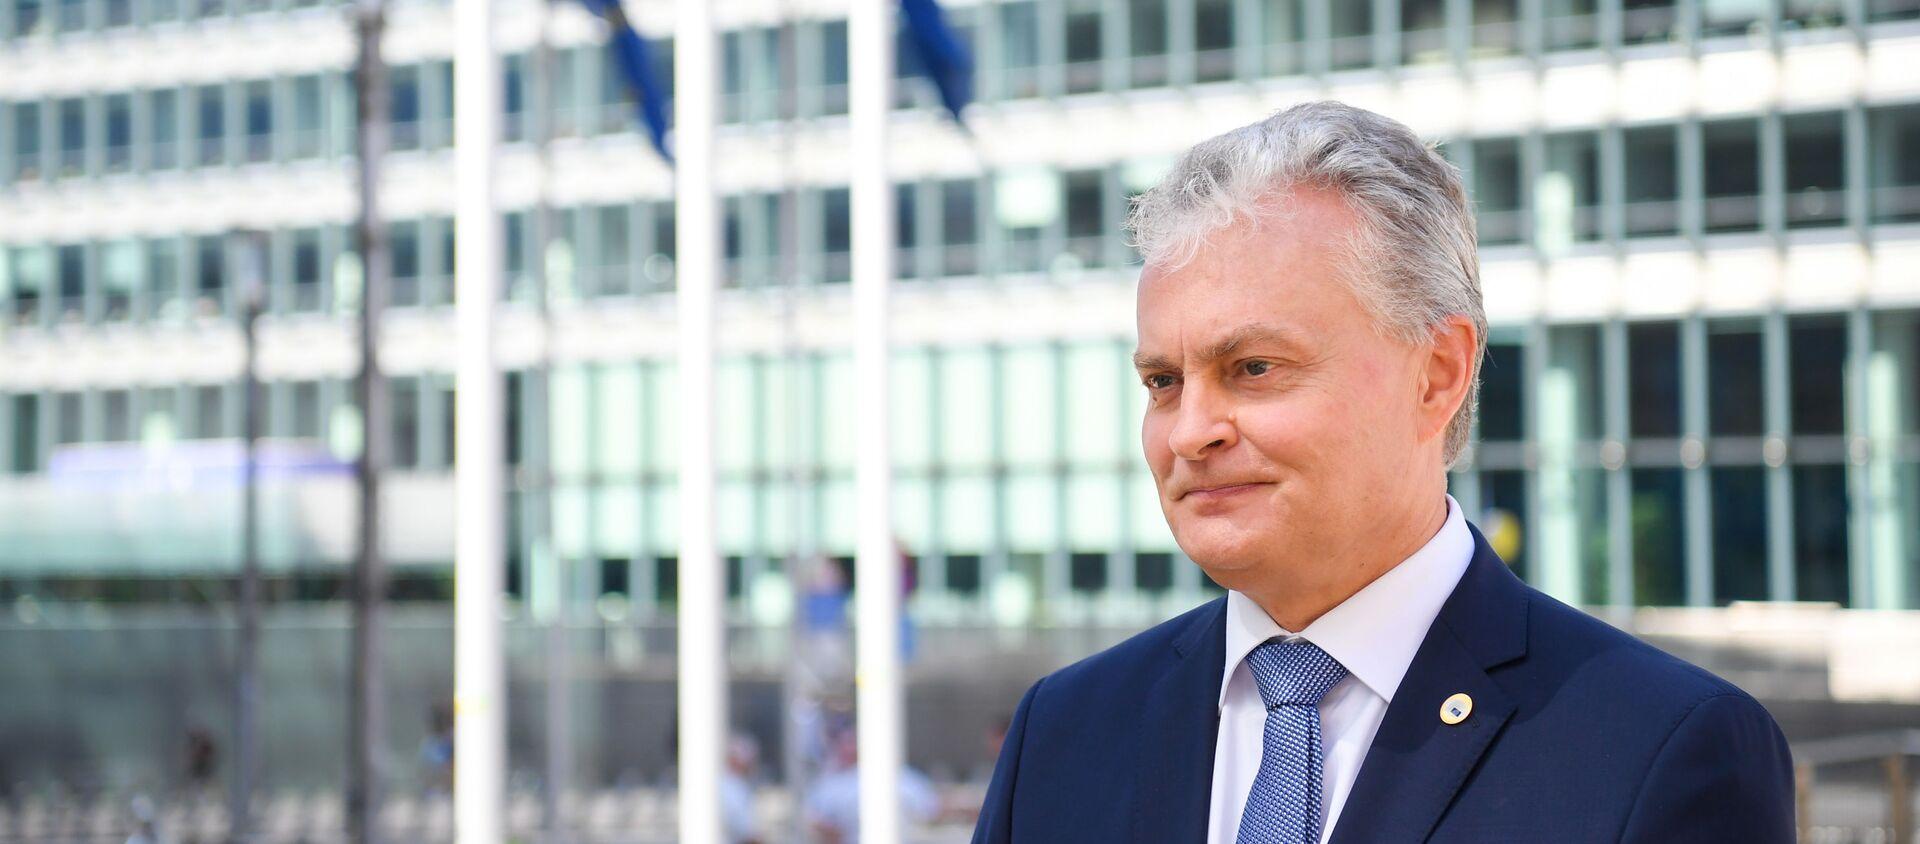 Президент Литвы Гитанас Науседа участвует в заседании саммита ЕС, 19 июля 2020 года - Sputnik Latvija, 1920, 24.09.2020